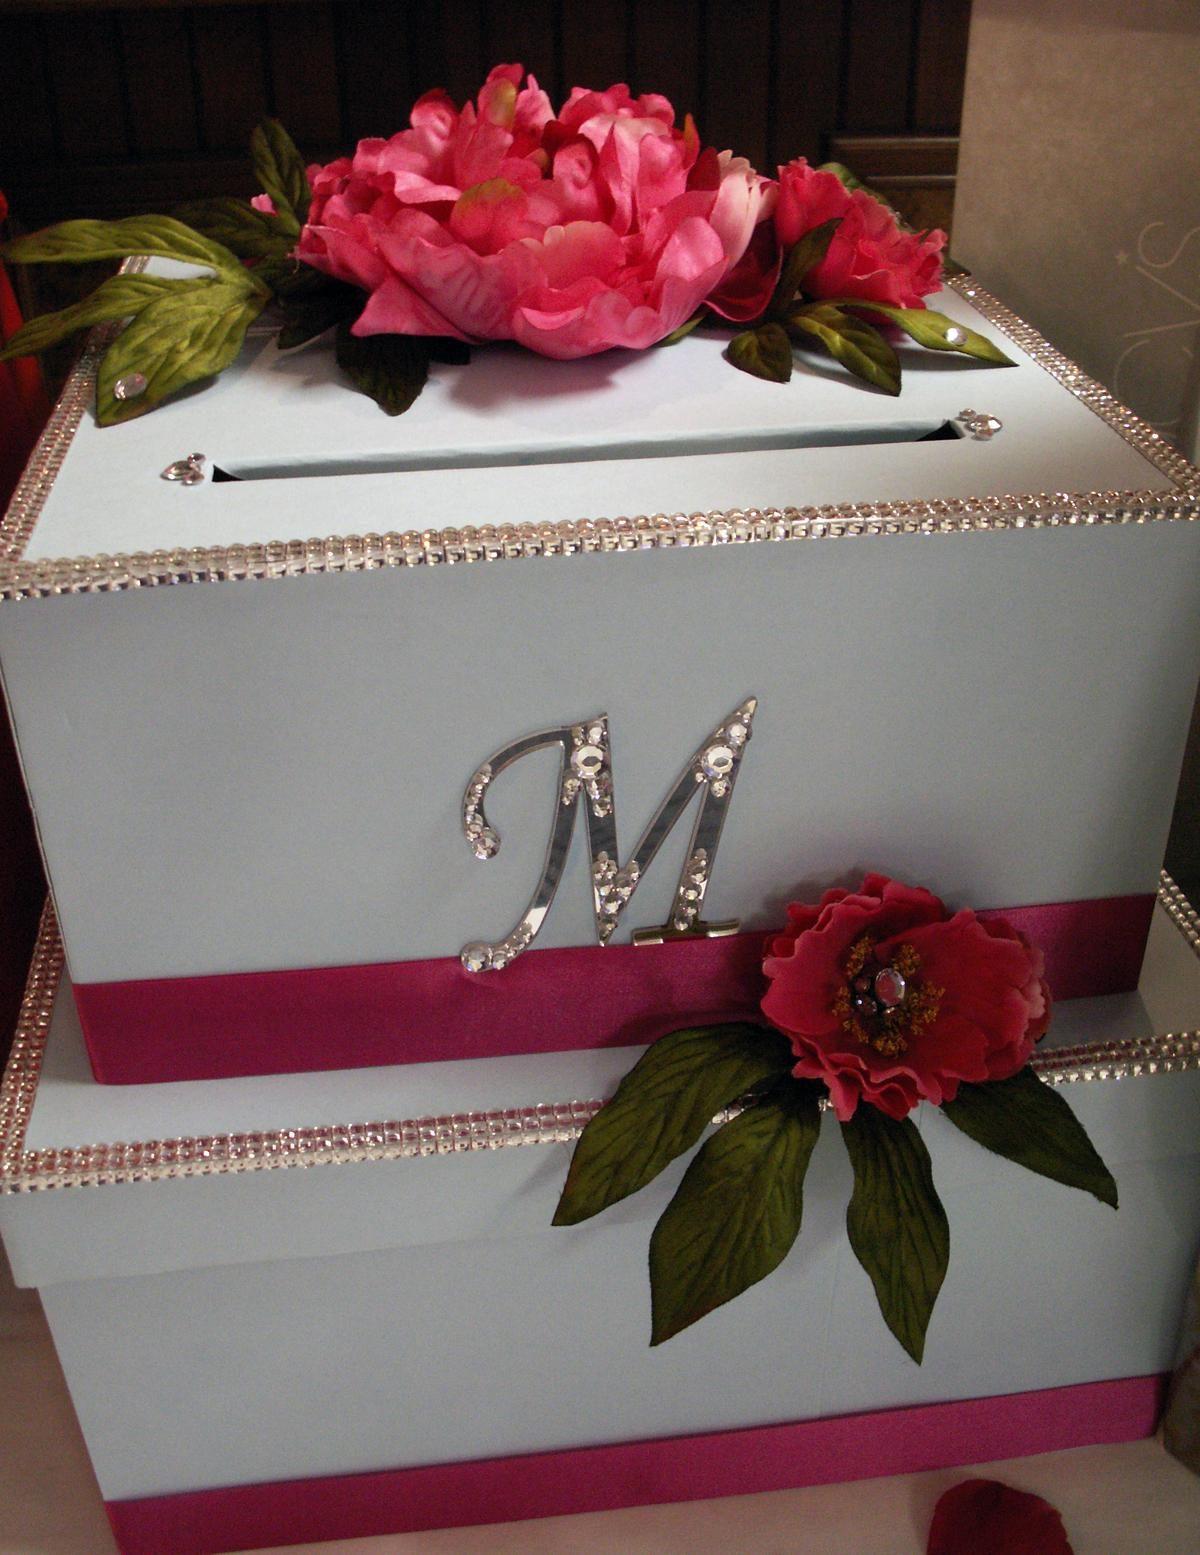 diy wedding crafts diy wedding card box project diy wedding